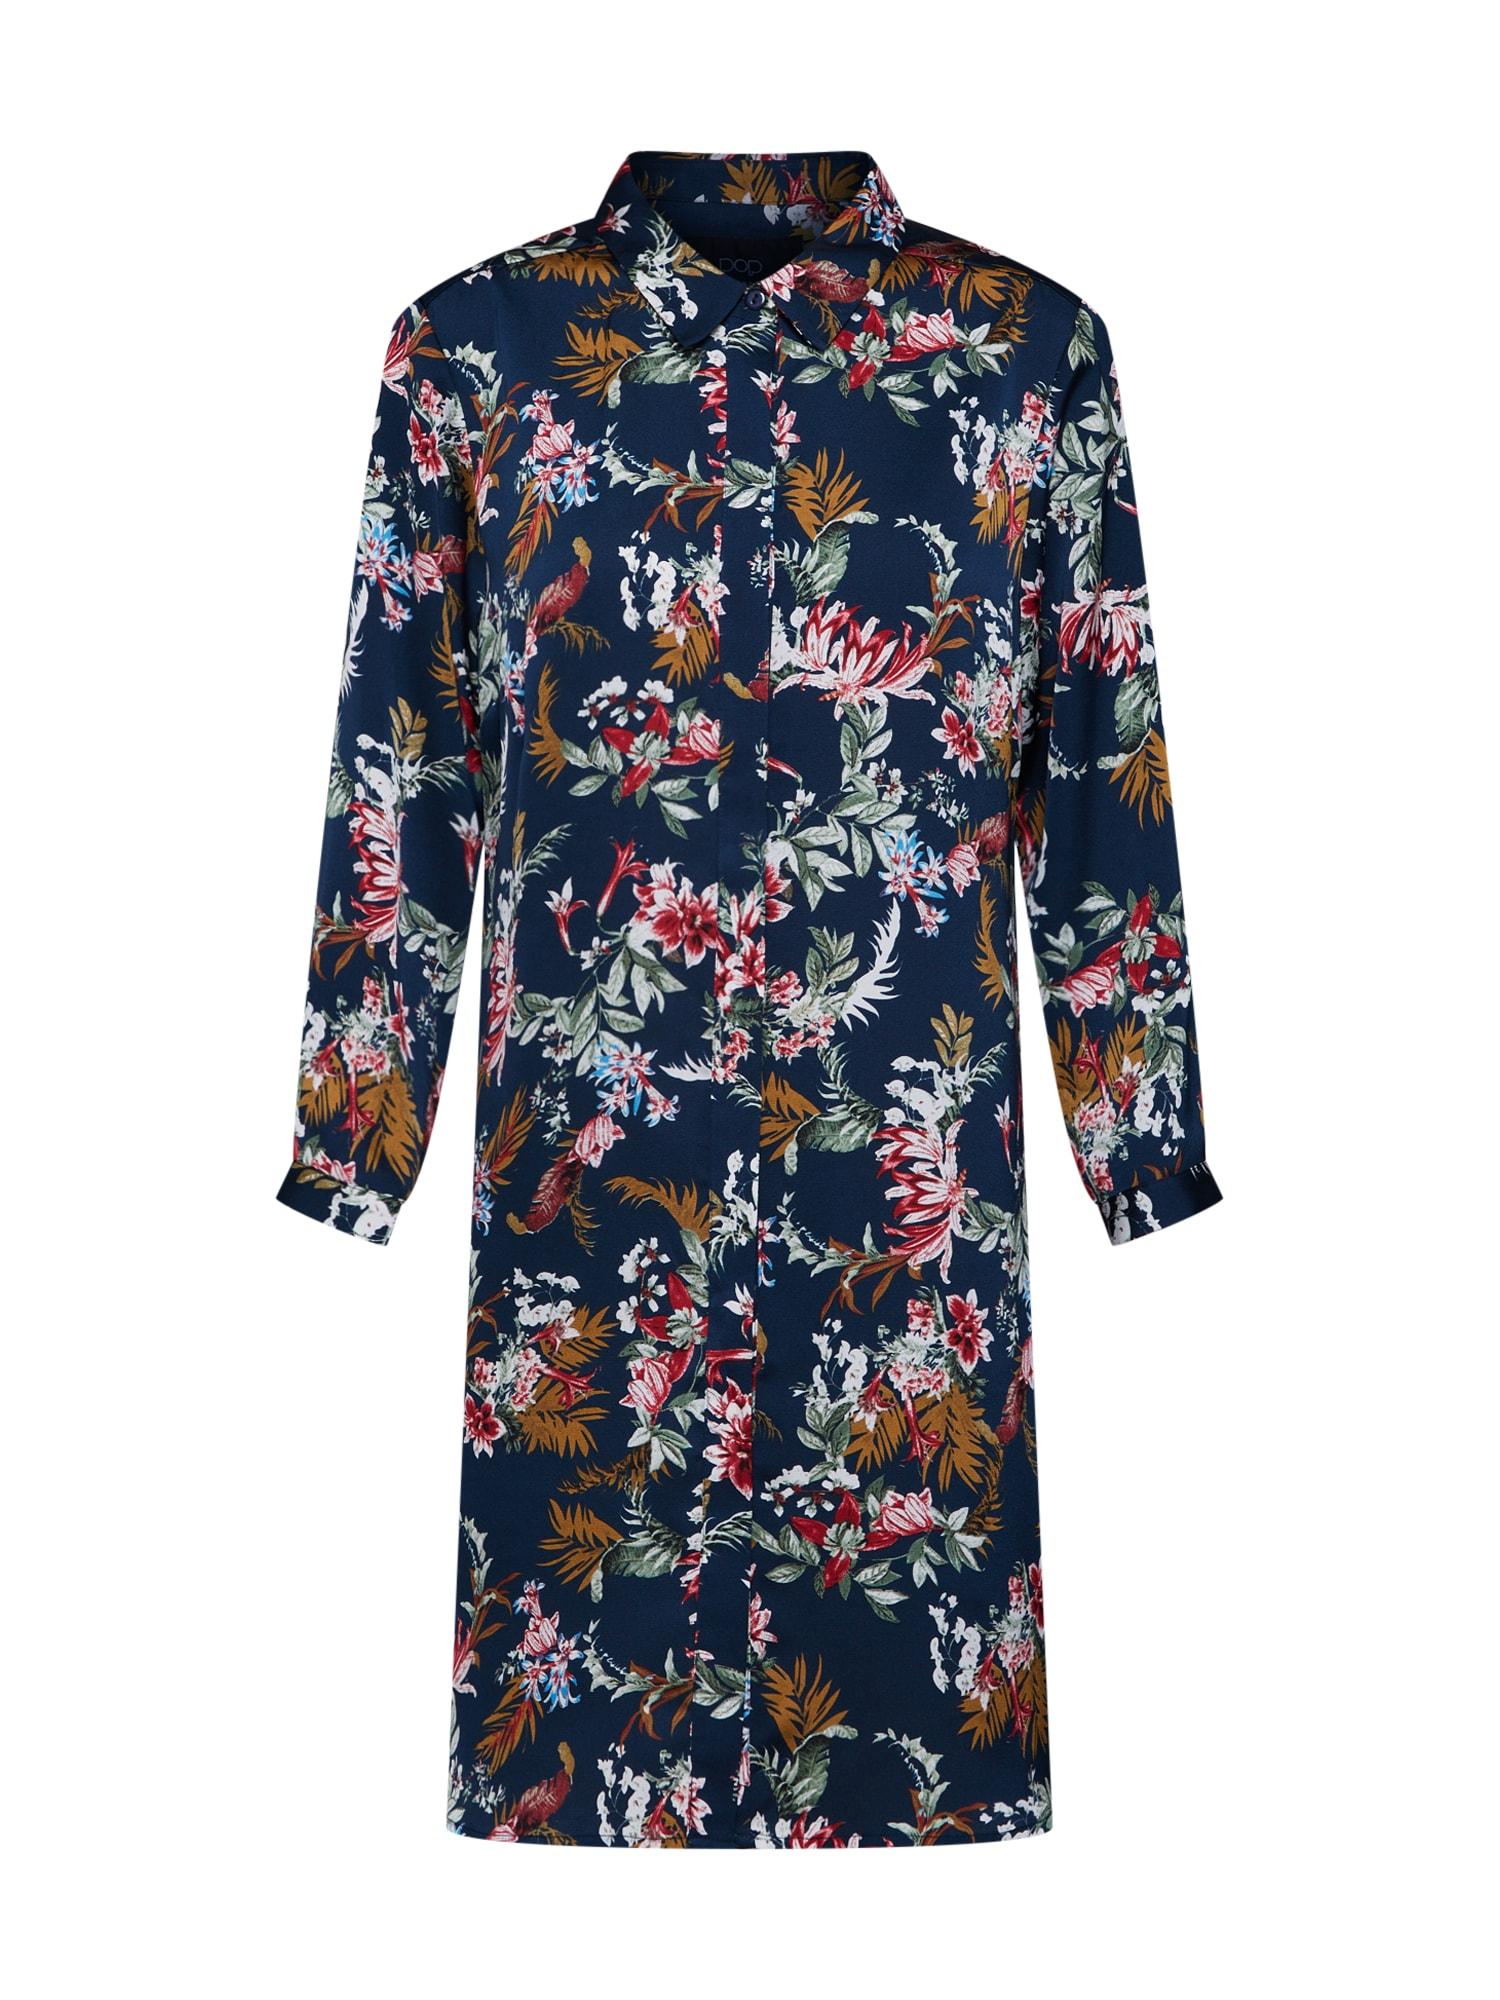 Košilové šaty Bloom námořnická modř mix barev Pop Copenhagen